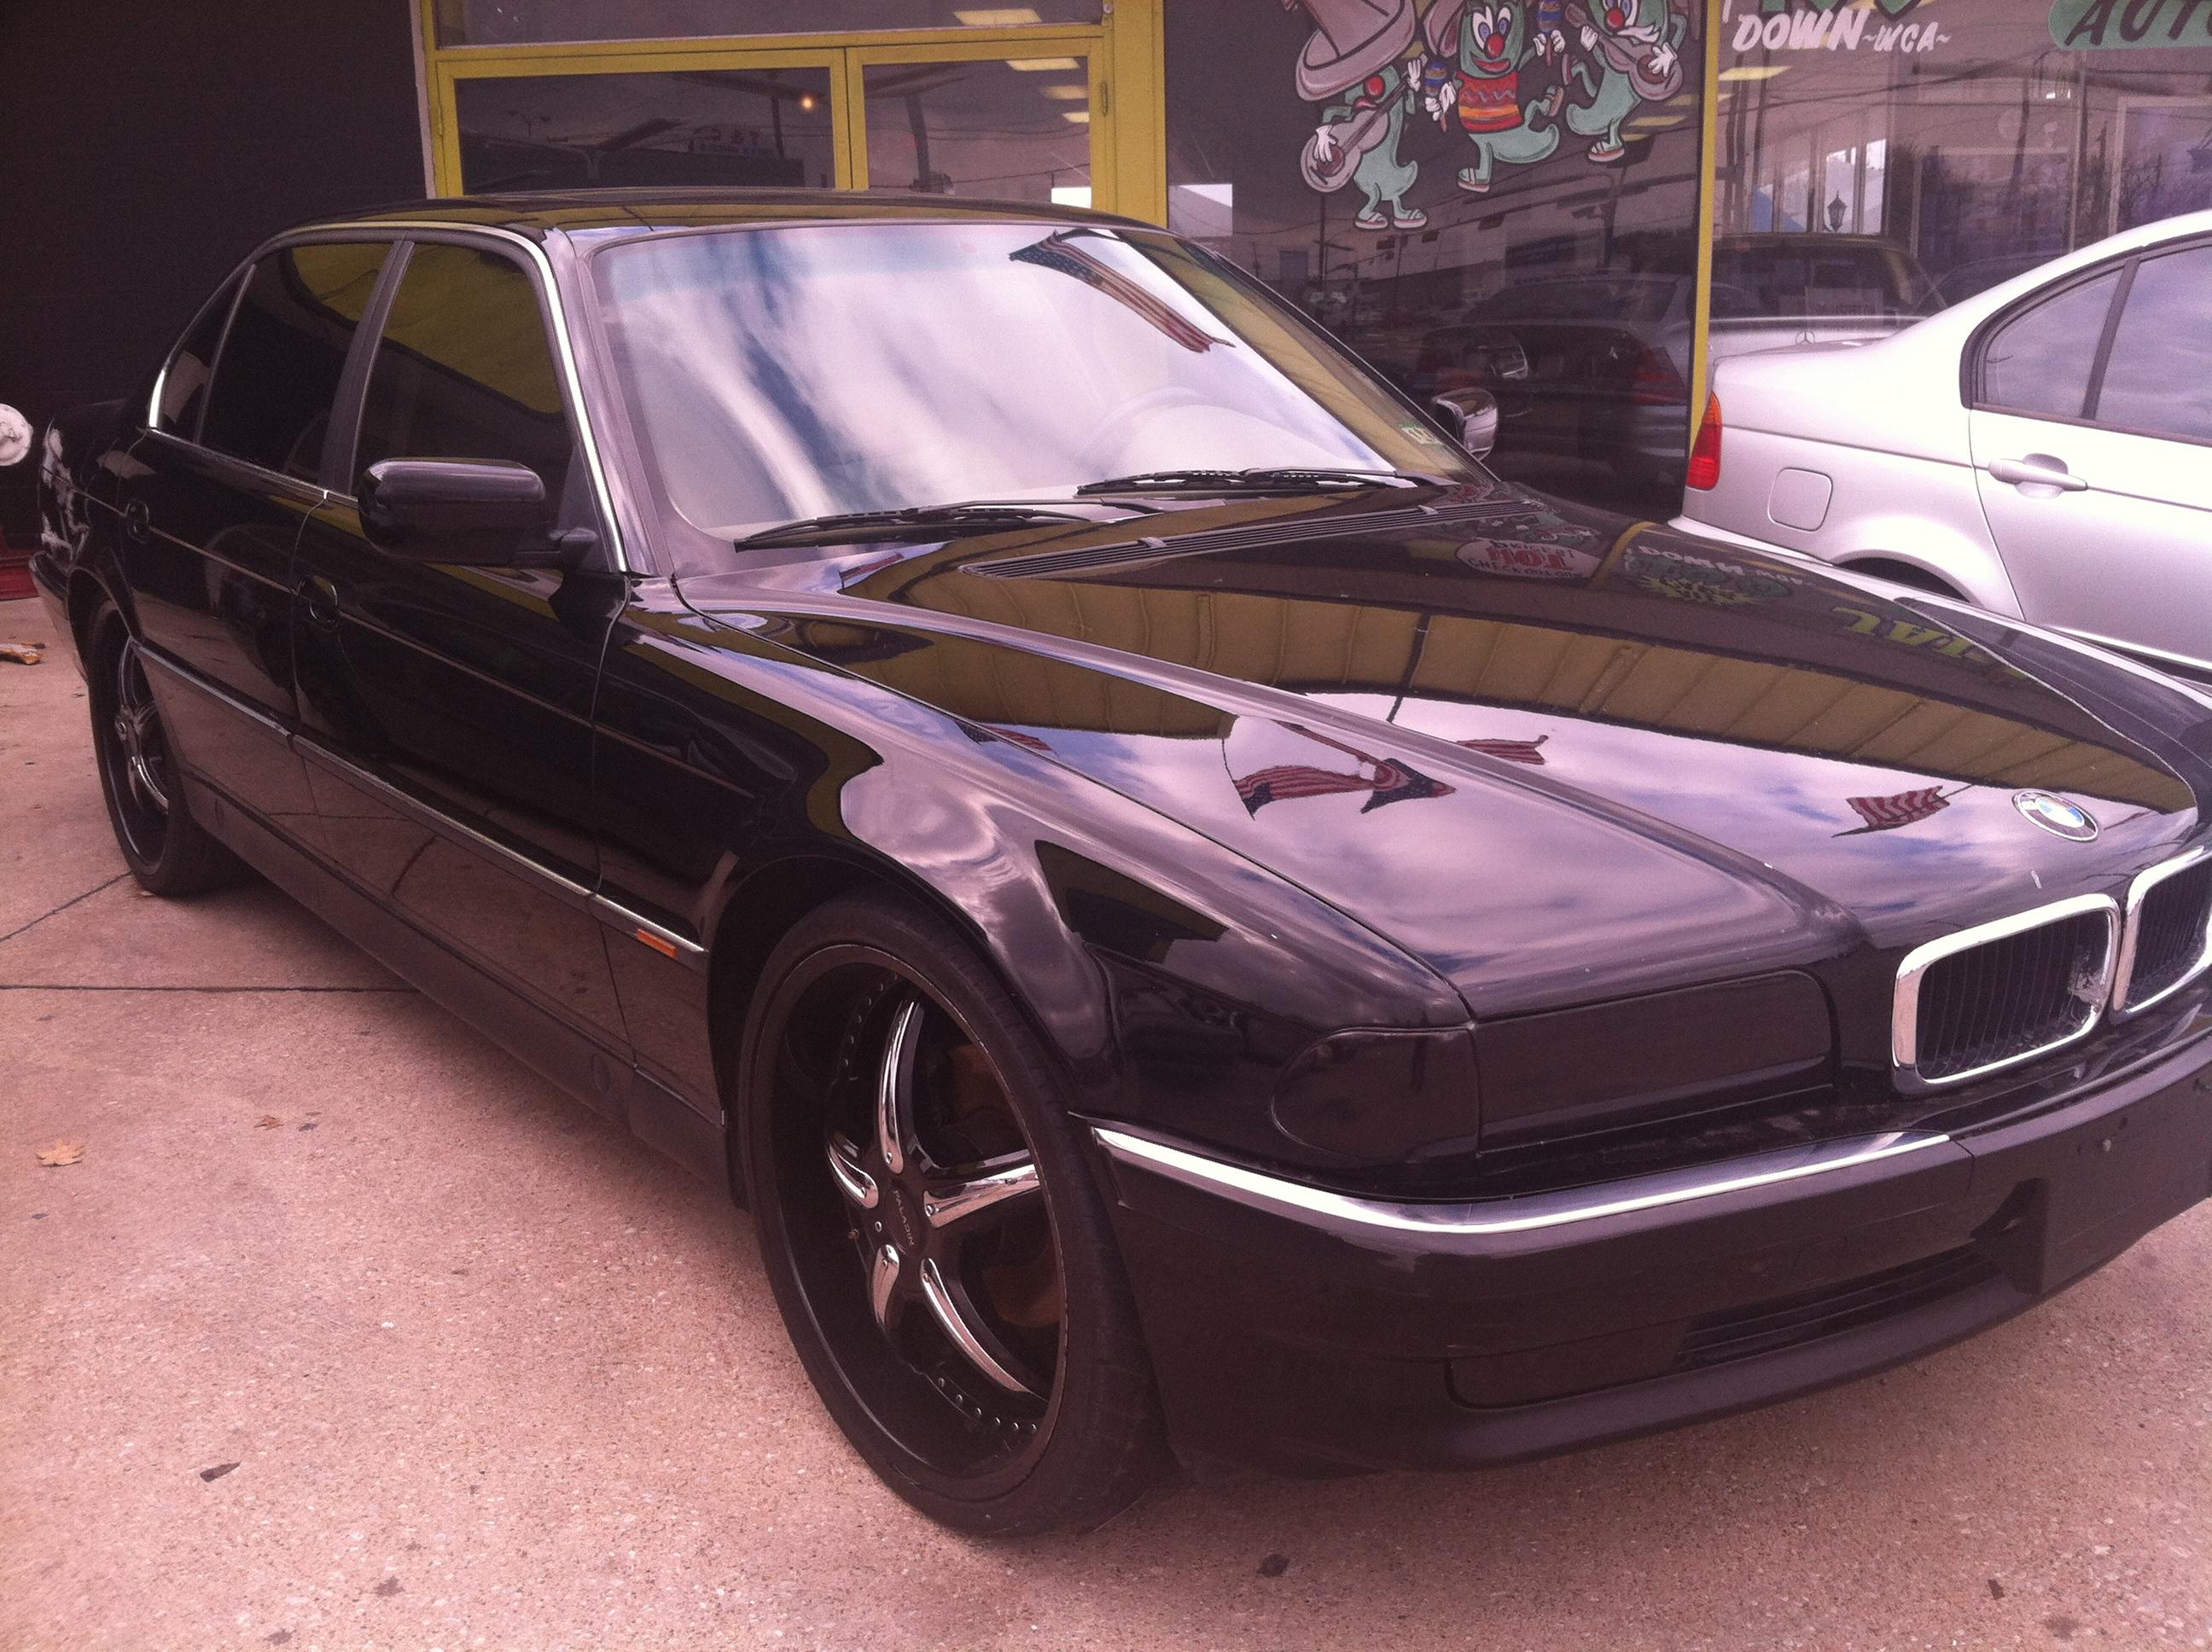 98 BMW 740il 22S